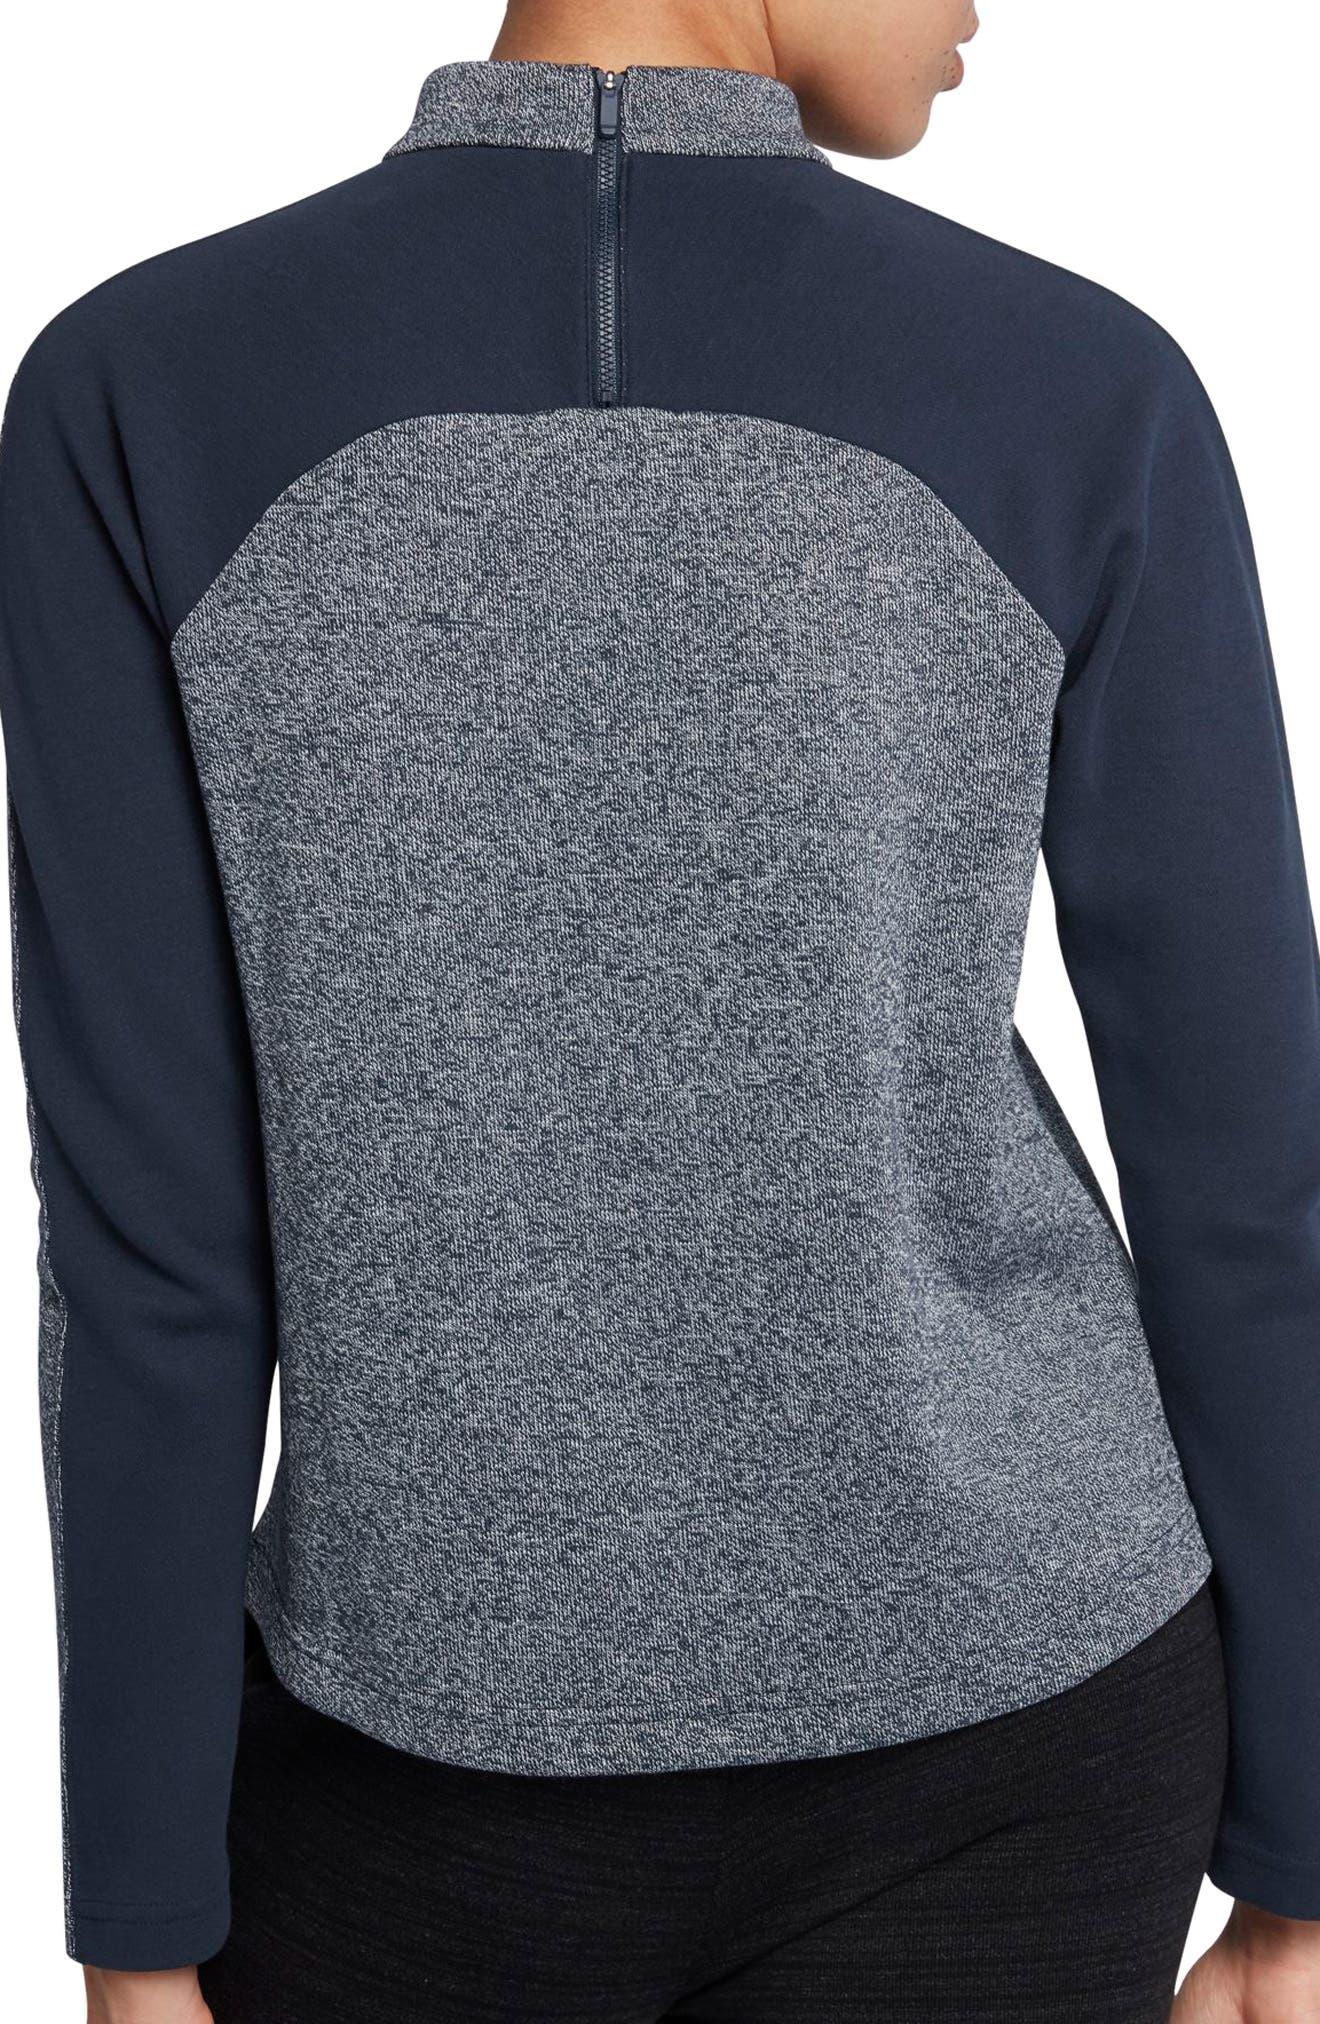 Women's Sportswear Jersey Top,                             Alternate thumbnail 2, color,                             451